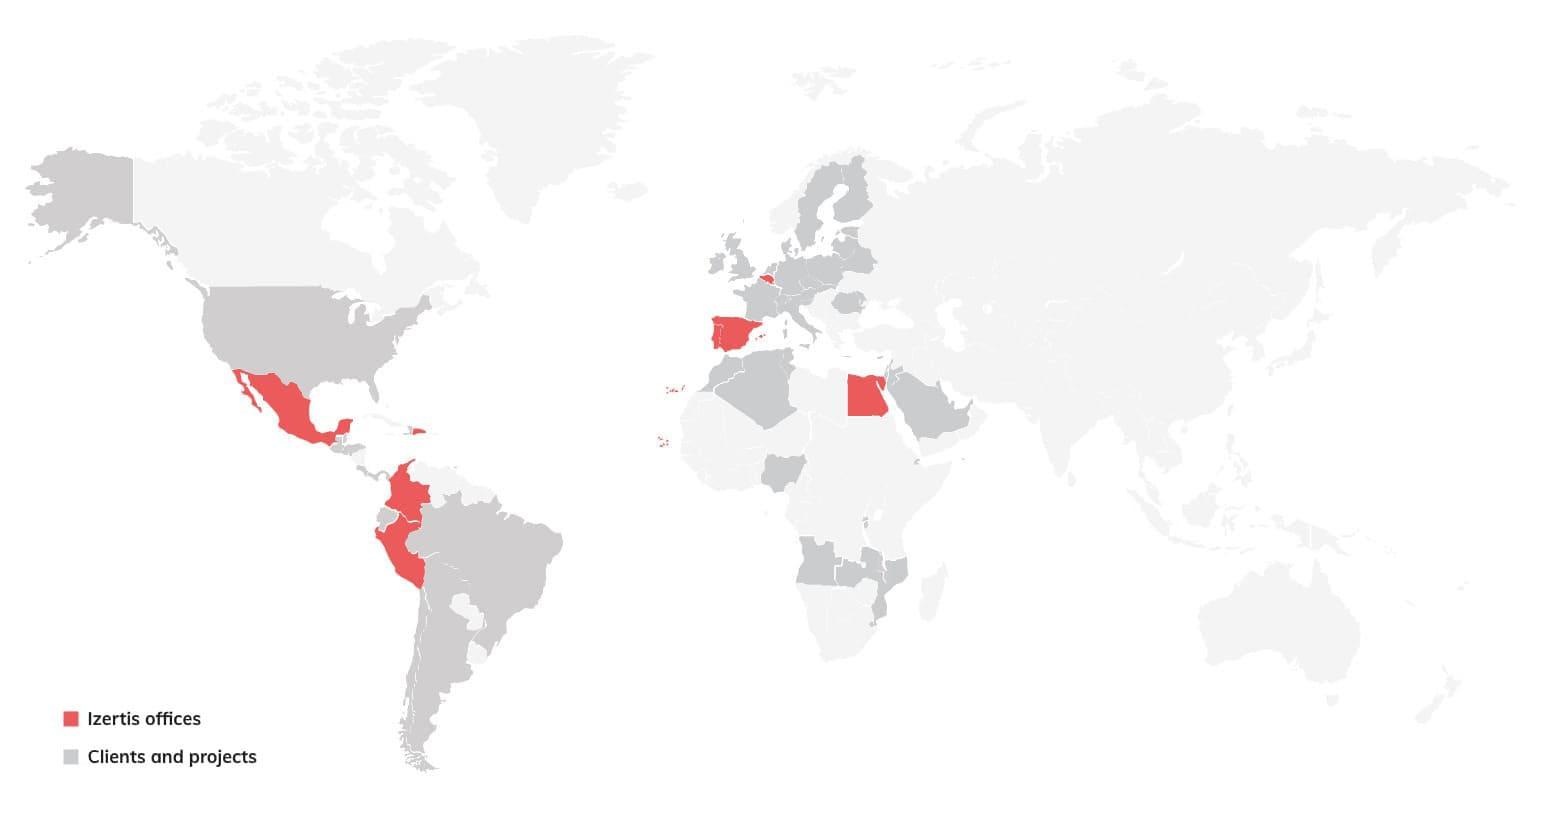 Mapa mundial de presencia de Izertis